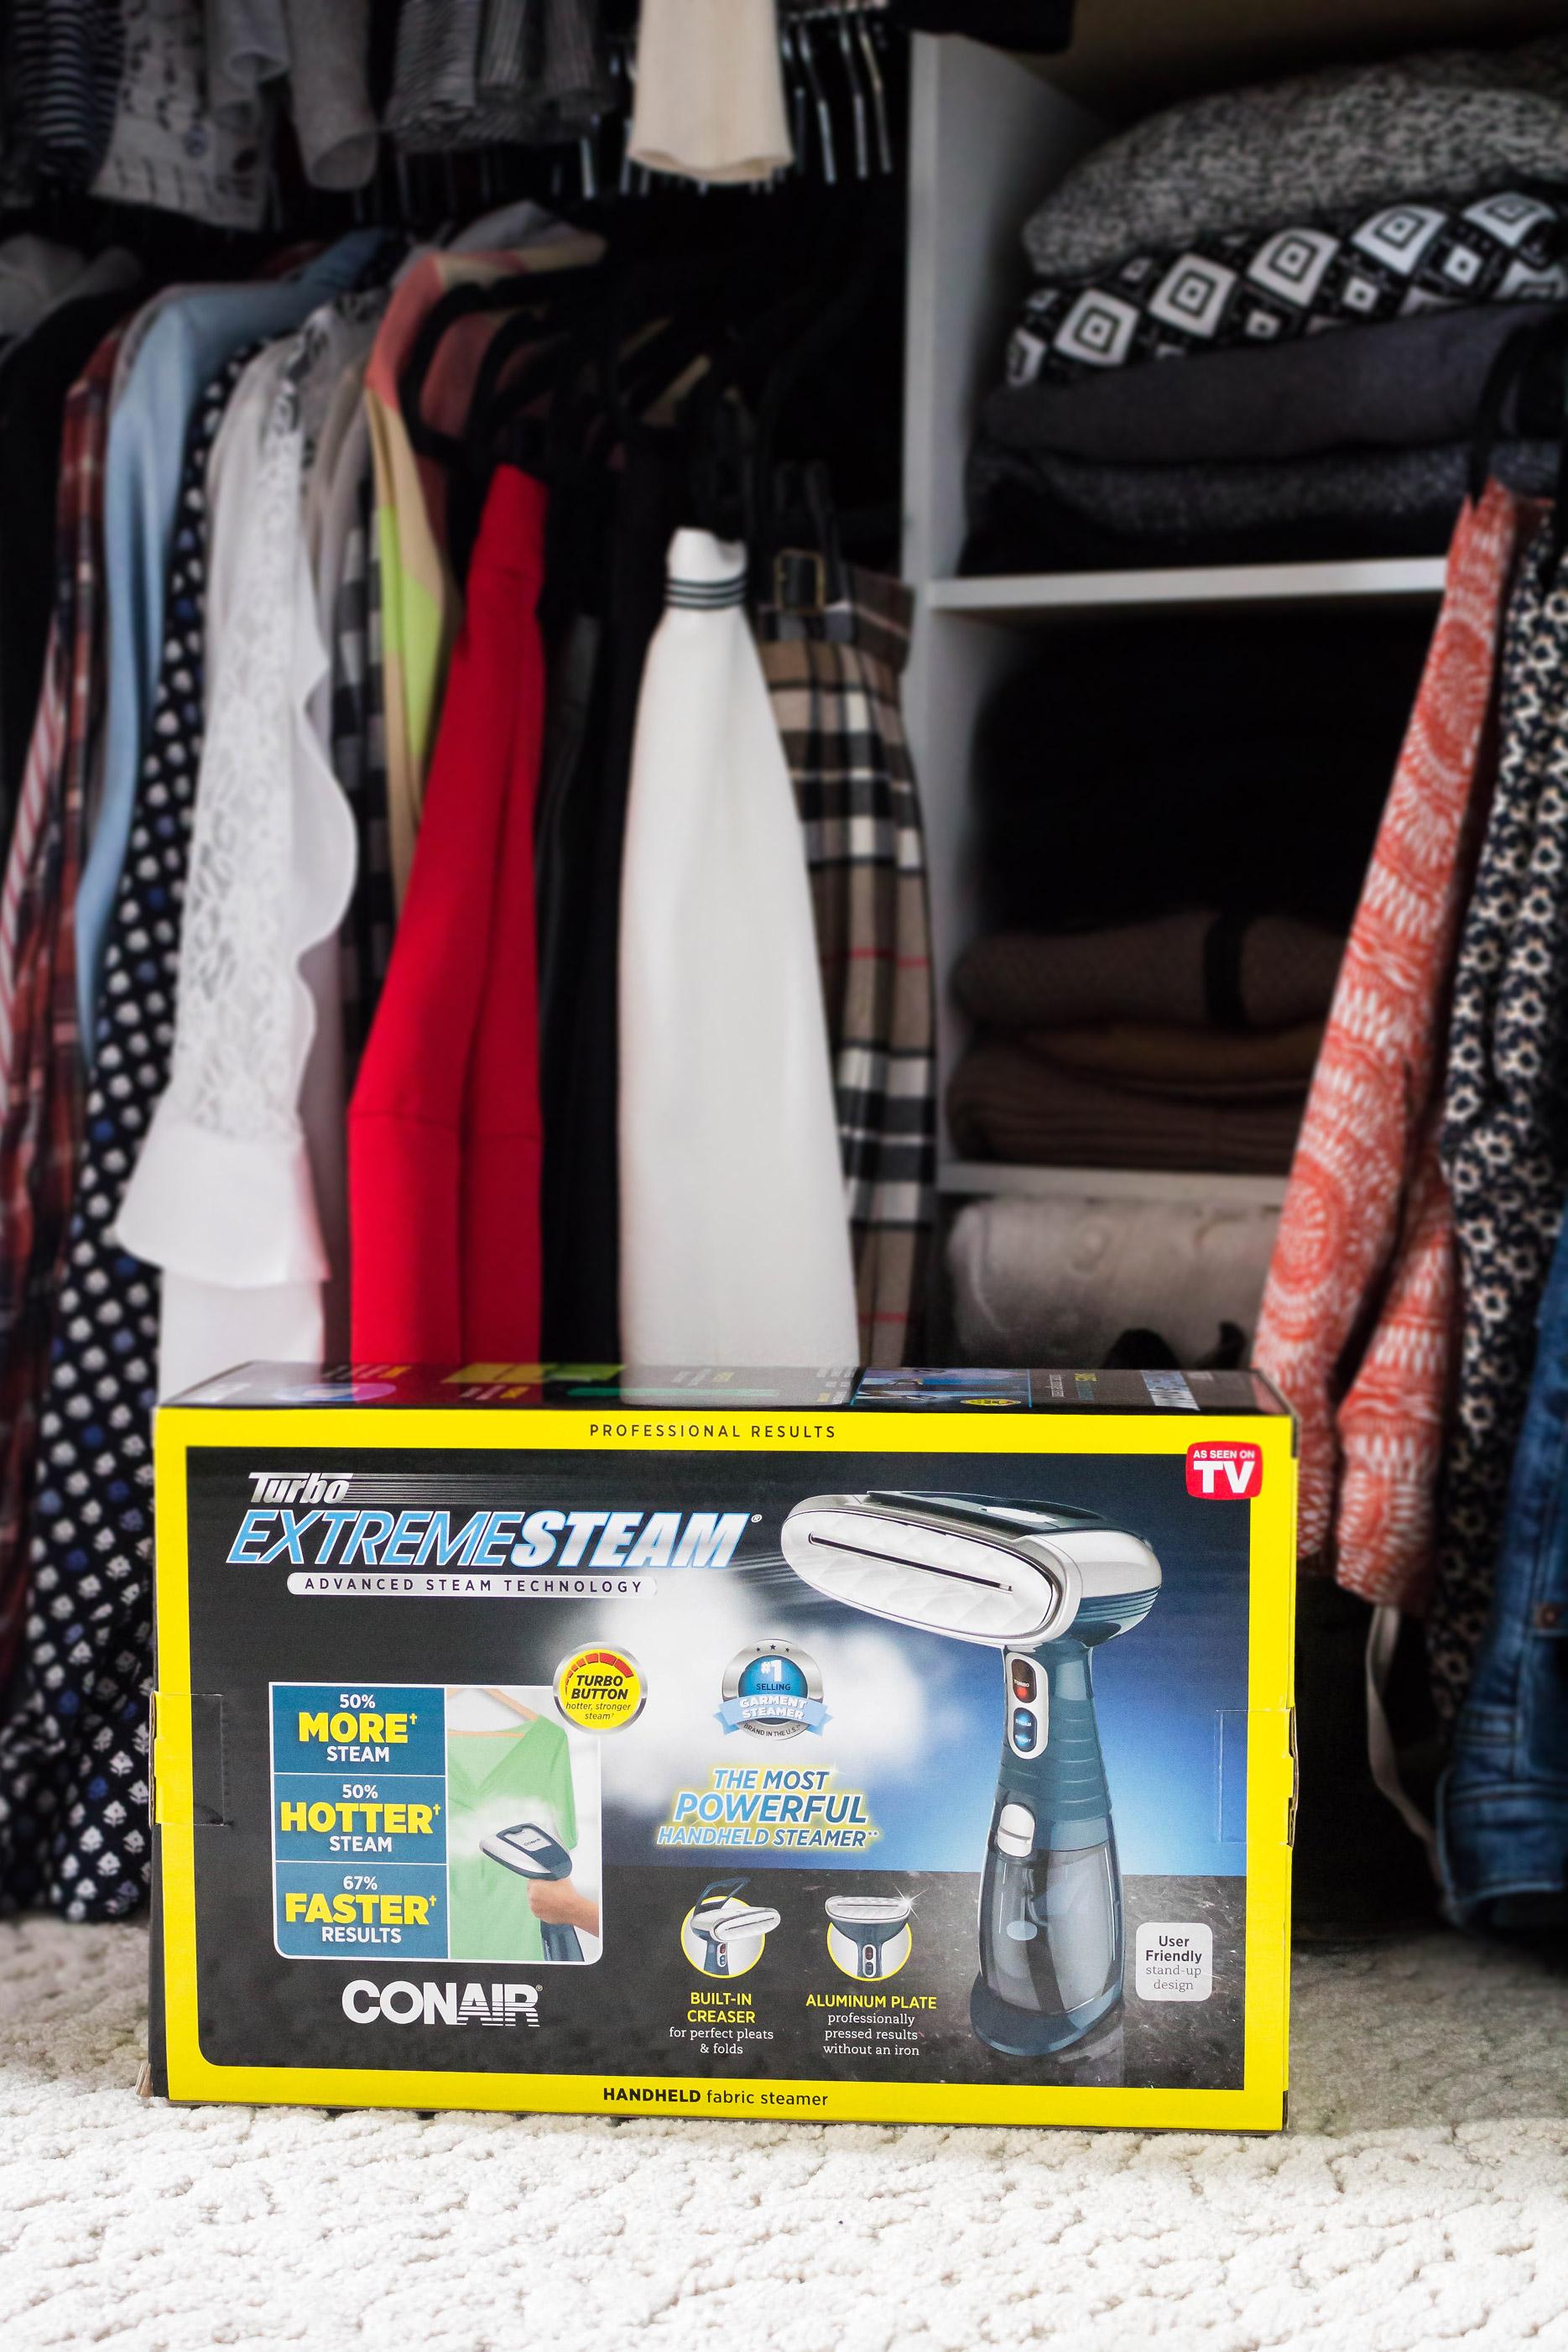 h storage bloomsbury tellisford x steam market w wayfair closet organization reviews cabinet pdx